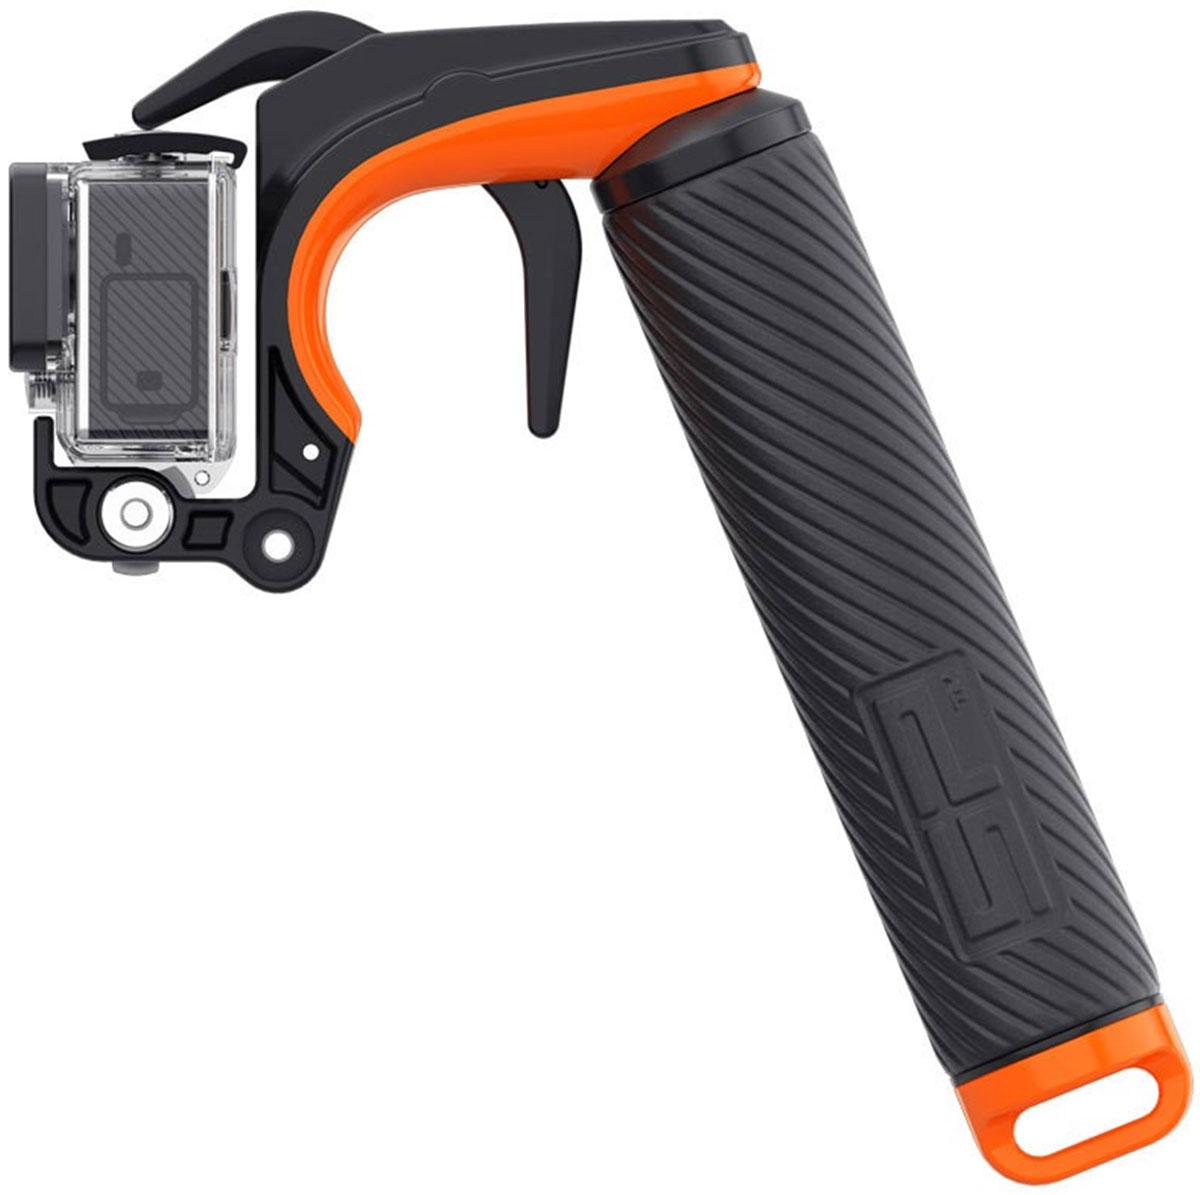 SP-Gadgets Pistol Trigger Grip Set, Black монопод для экшн-камеры53114Ручка-монопод-поплавок SP-Gadgets Pistol Trigger Grip Set используется для съемки фото и видео камерами GoPro с руки. Длина аксессуара 180 мм, сделан из качественного пластика, имеет удобную резиновую ручку, а так же ремешок и карабин в комплекте. Есть встроенный отсек для хранения мелких предметов. Всегда всплывает на поверхность воды. Поставляется со специальным механизмом, облегчающим запуск съемки.